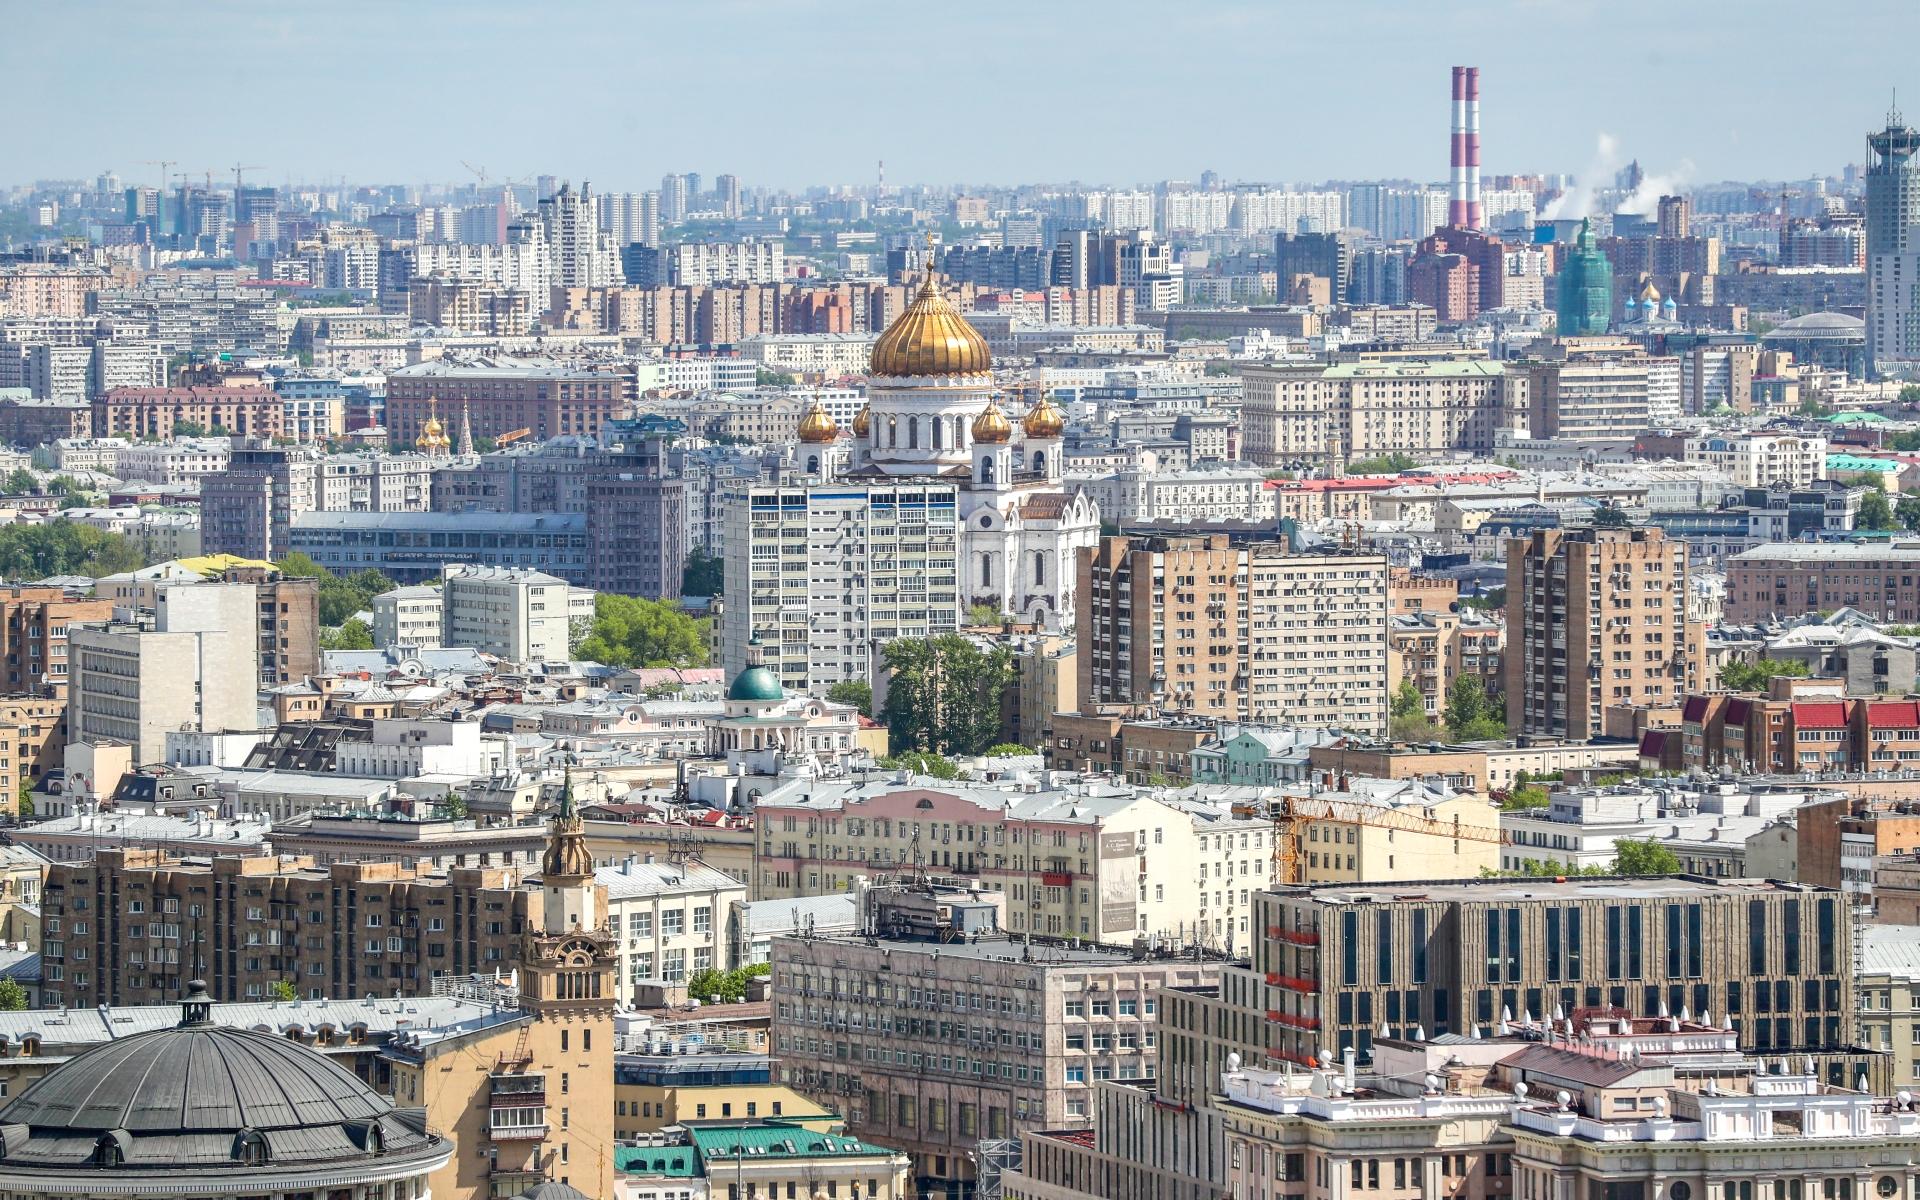 В столичном районе Арбат сконцентрированы наиболее дорогие арендные однокомнатные квартиры